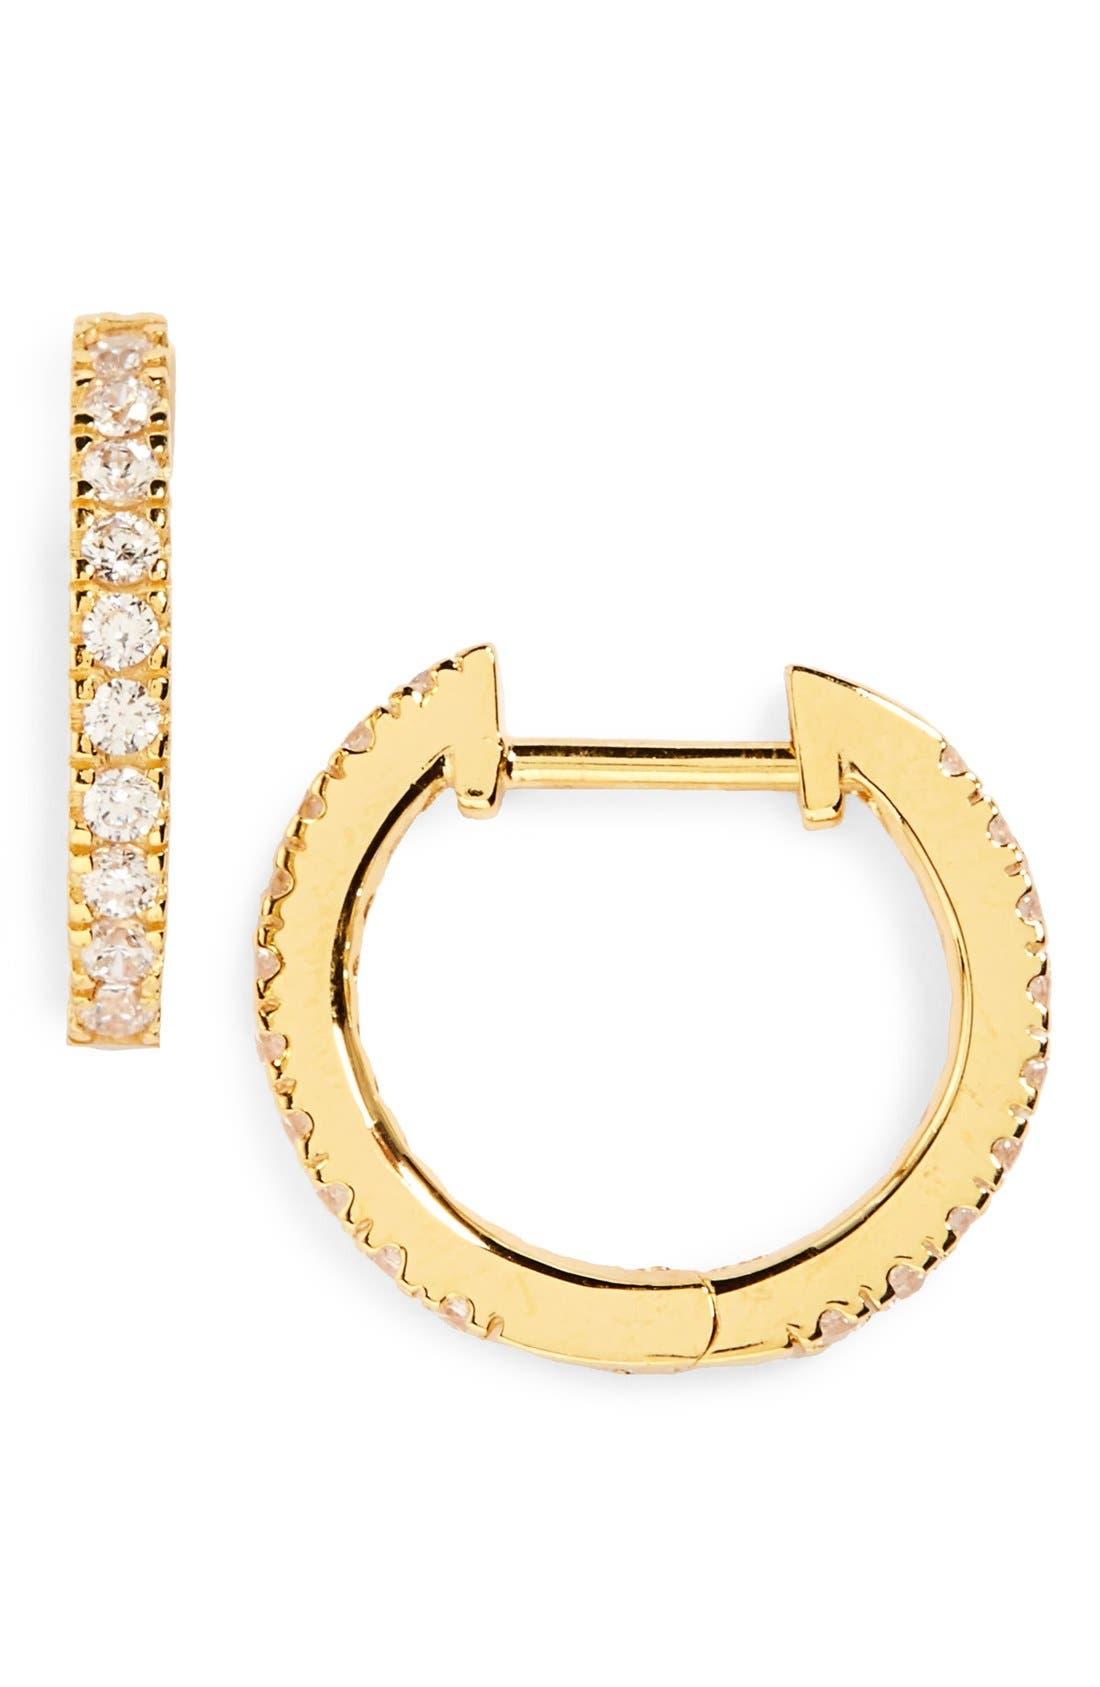 Main Image - Nordstrom Small Hoop Earrings